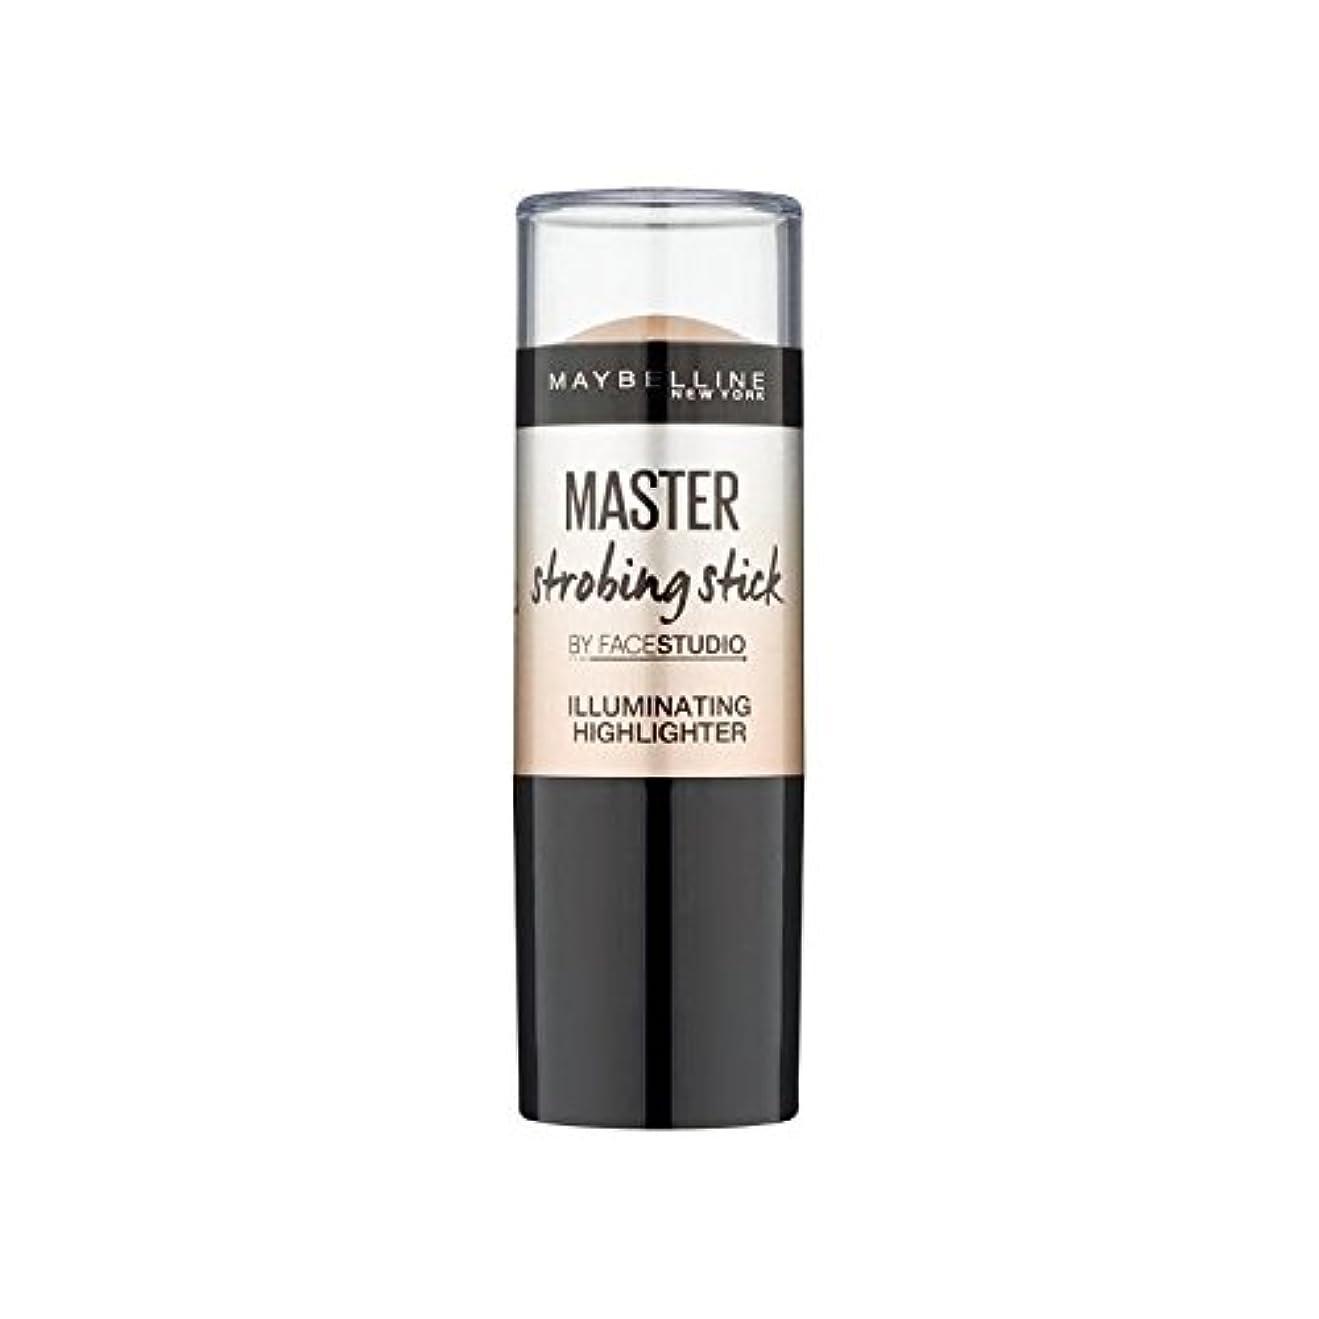 神秘的な変化霊メイベリンマスターストロボスティック媒体 x2 - Maybelline Master Strobing Stick Medium (Pack of 2) [並行輸入品]